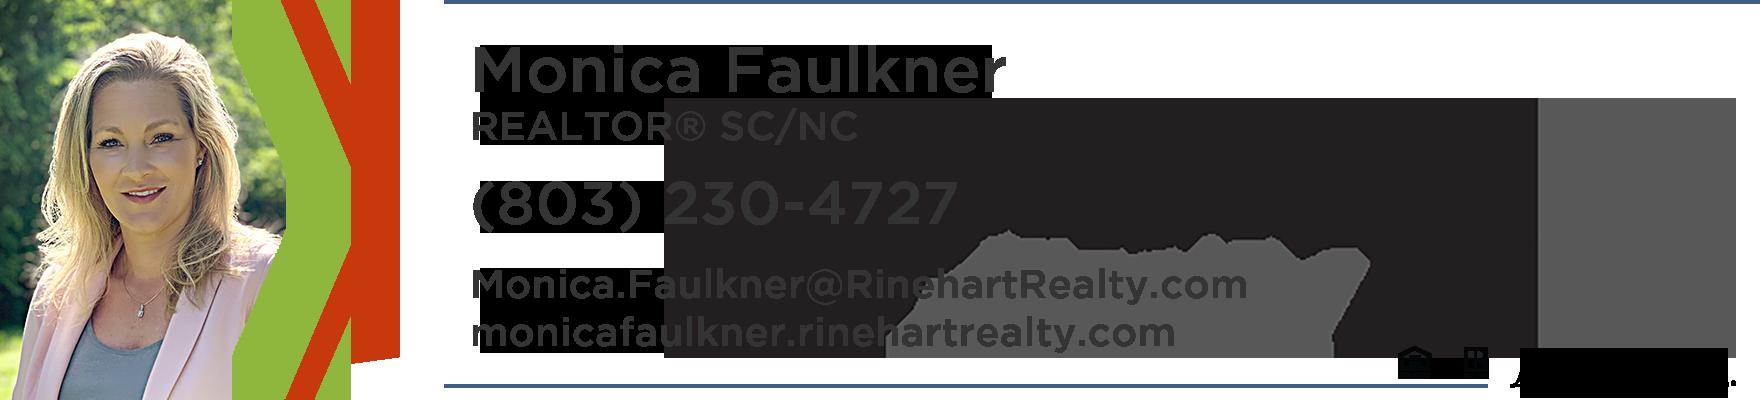 Monica Faulkner REALTOR SC